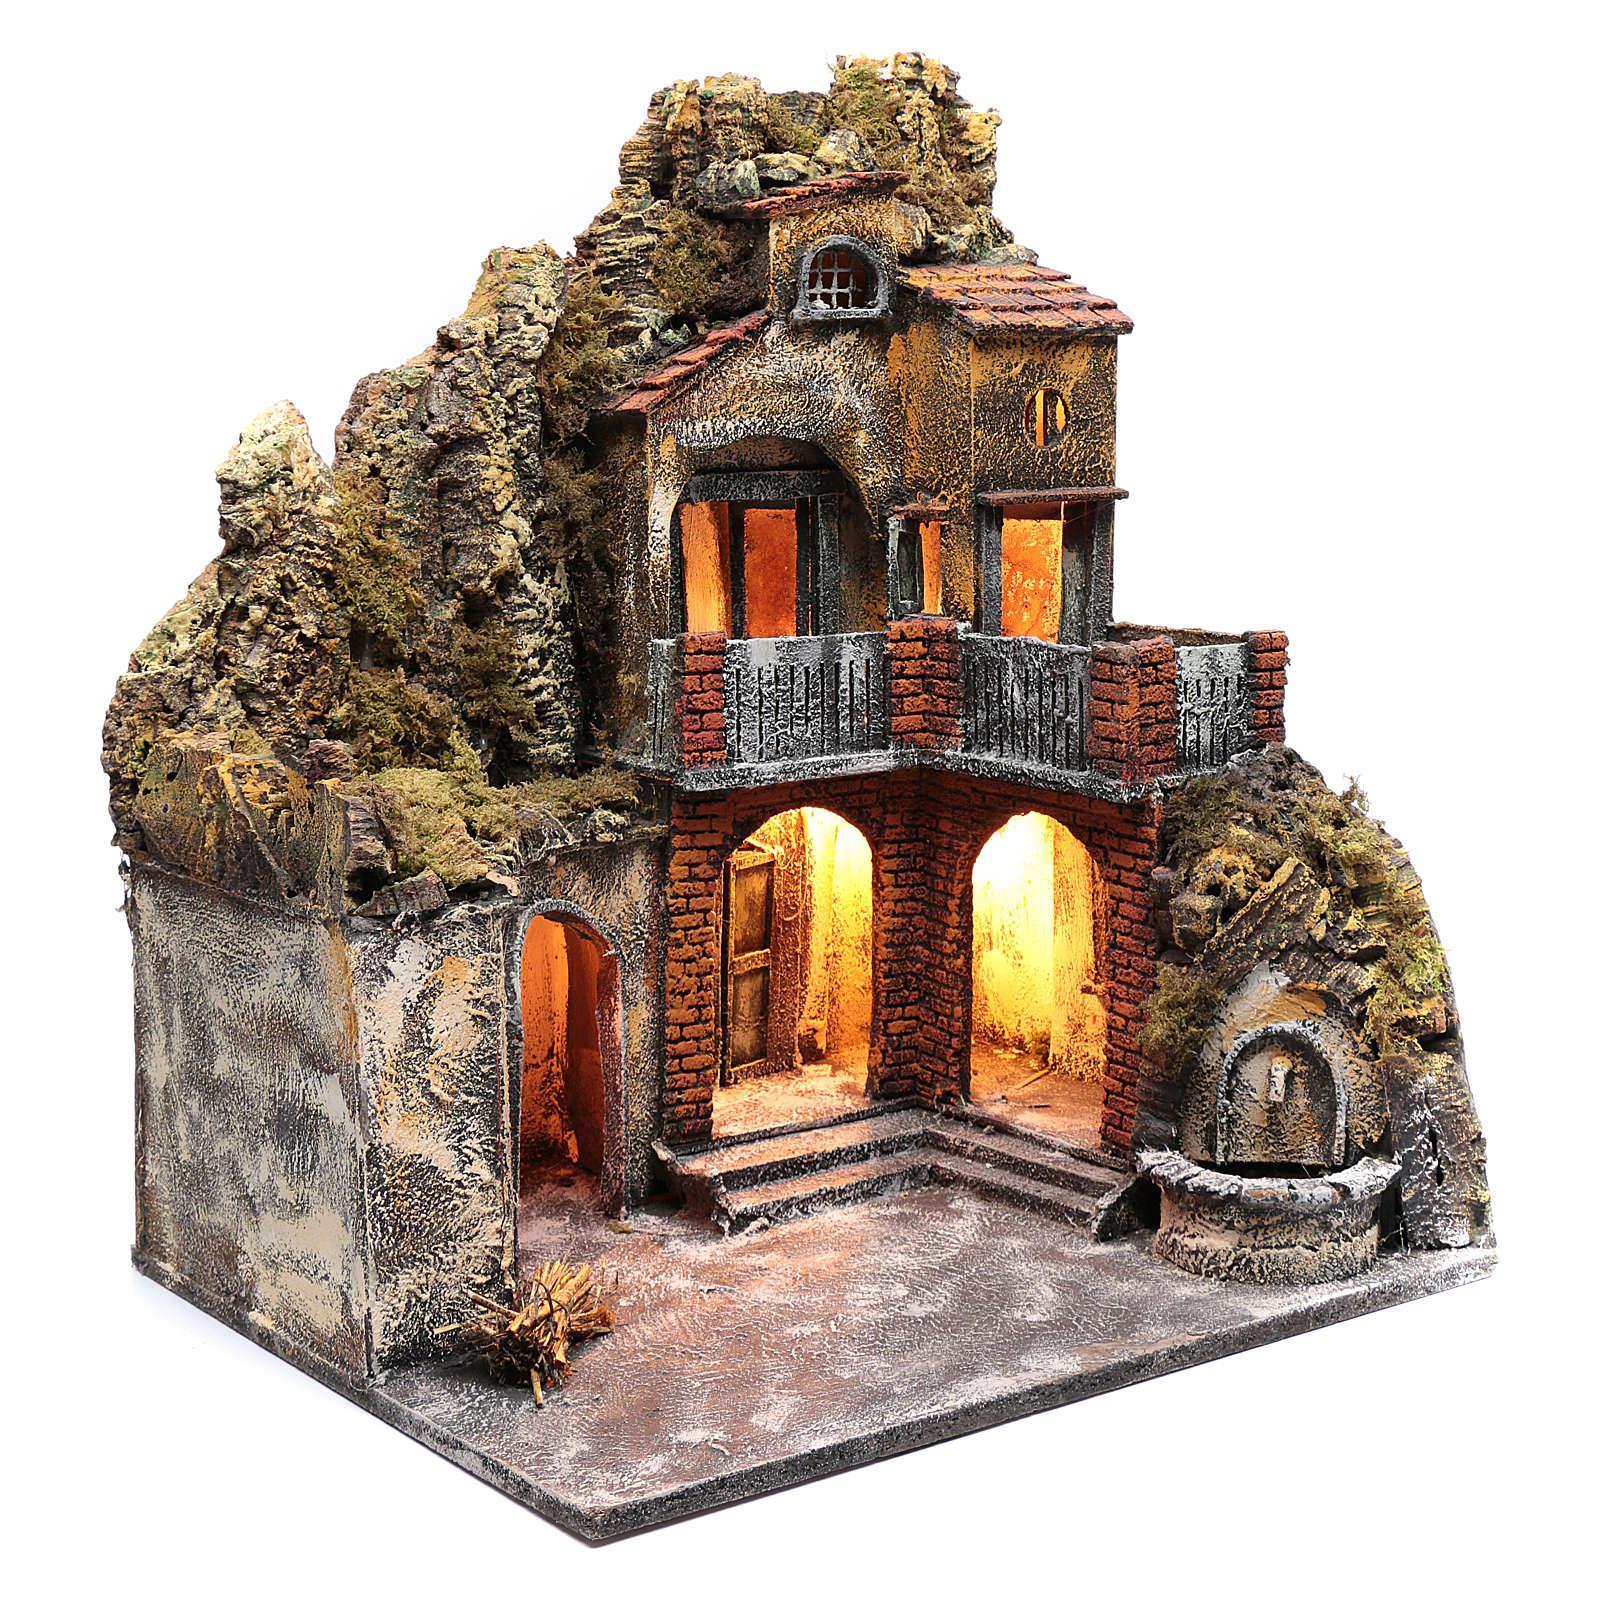 Ambientazione presepe napoletano con luce e fontanella 60x50x40 cm 4